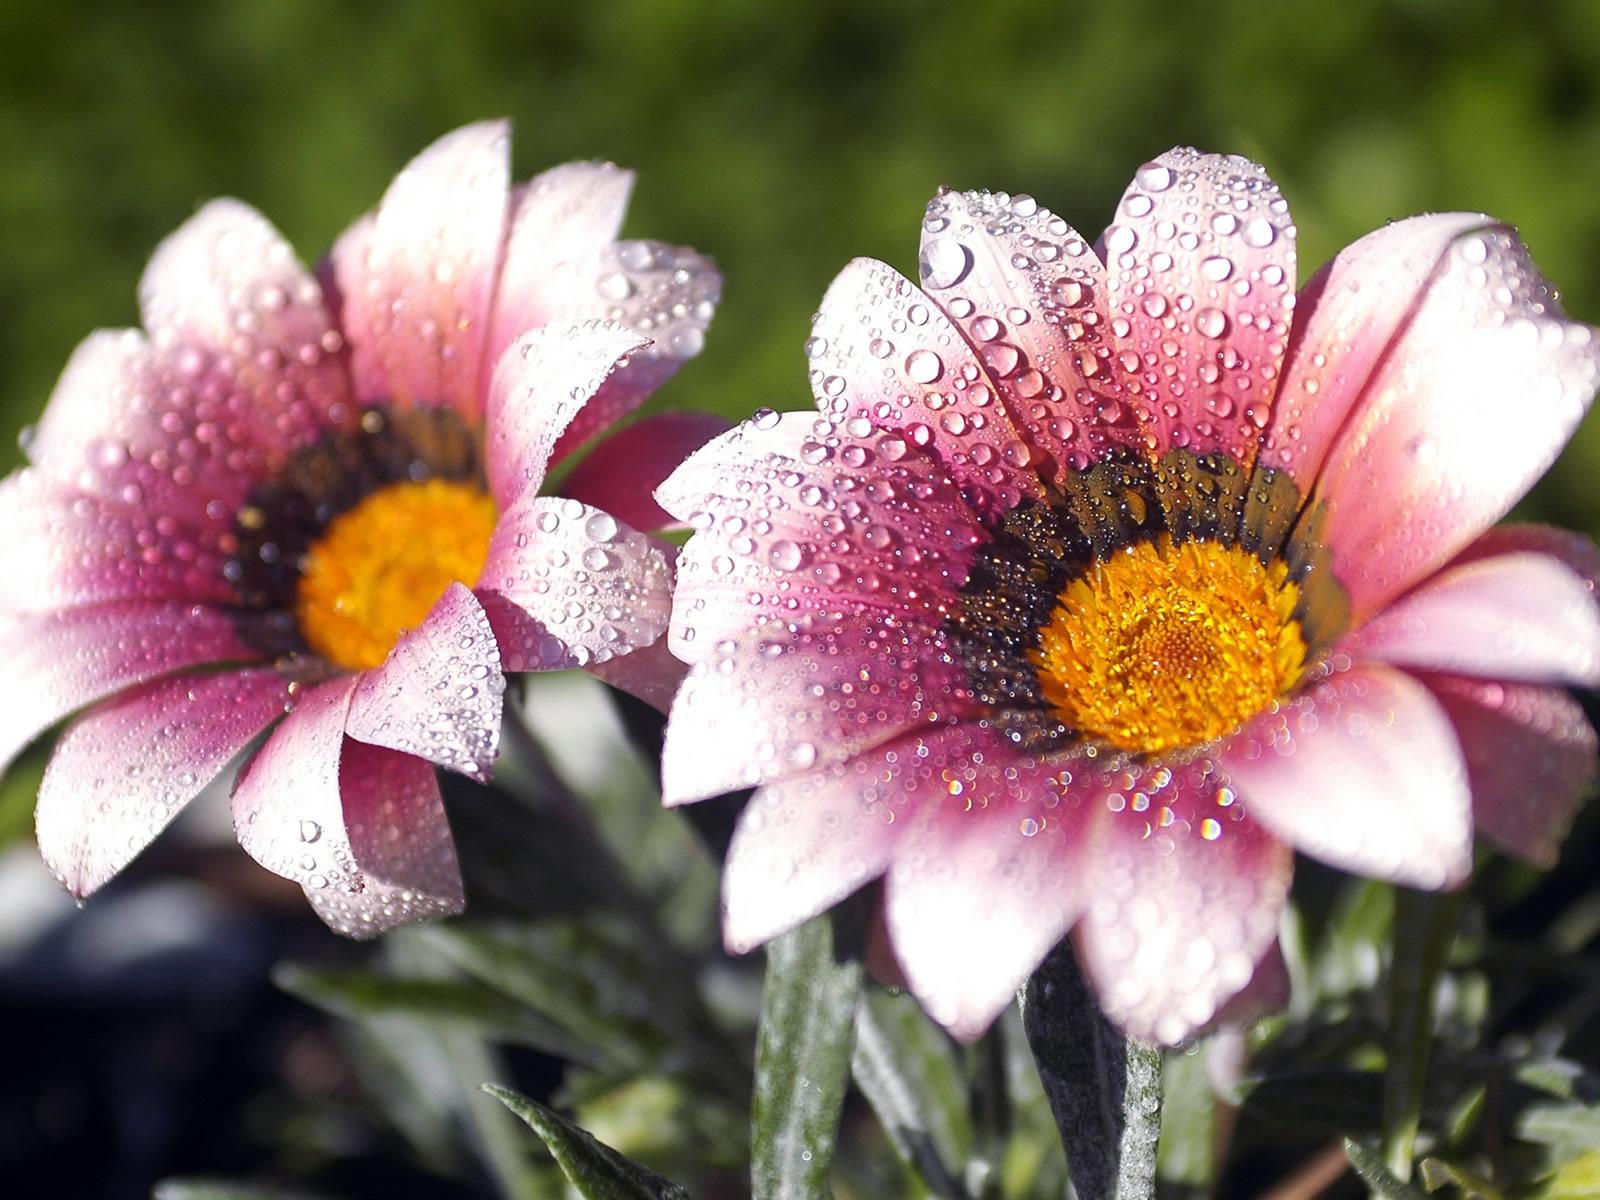 http://3.bp.blogspot.com/_RAlP3BmEW1Q/TQNbbUanN8I/AAAAAAAABAs/c7q1tcemEtk/s1600/Bloemen-achtergronden-bloemen-wallpapers-11.jpg